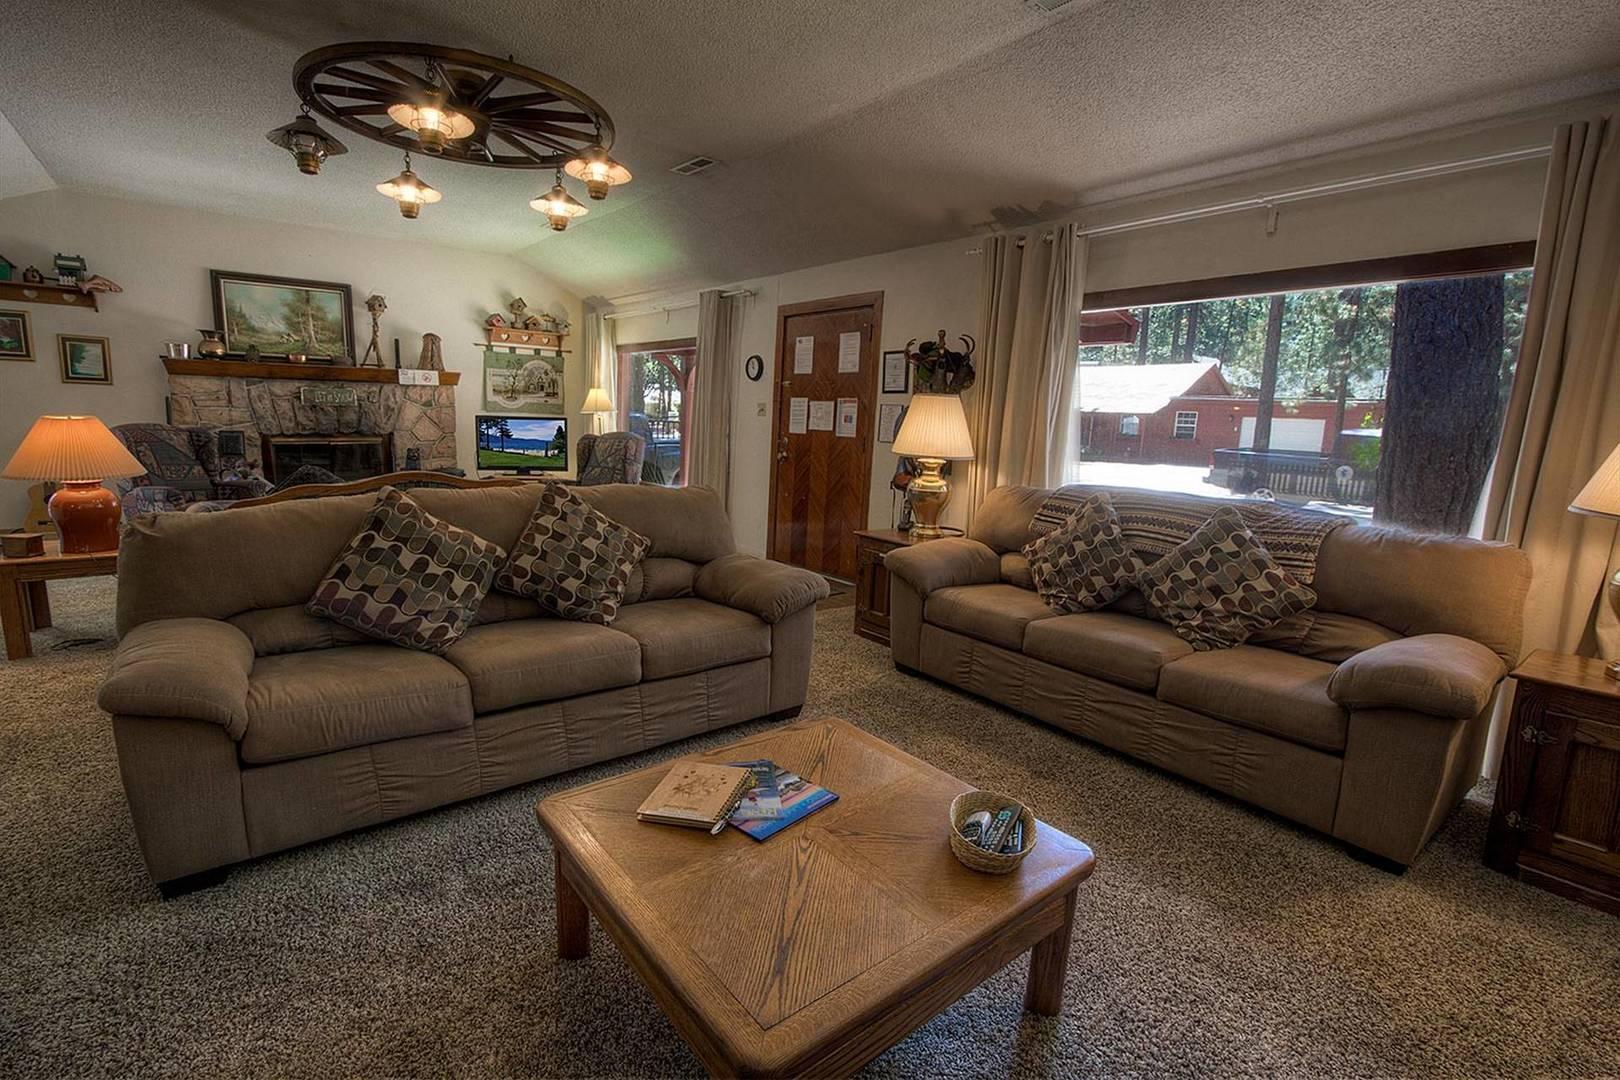 cyh1001 living room